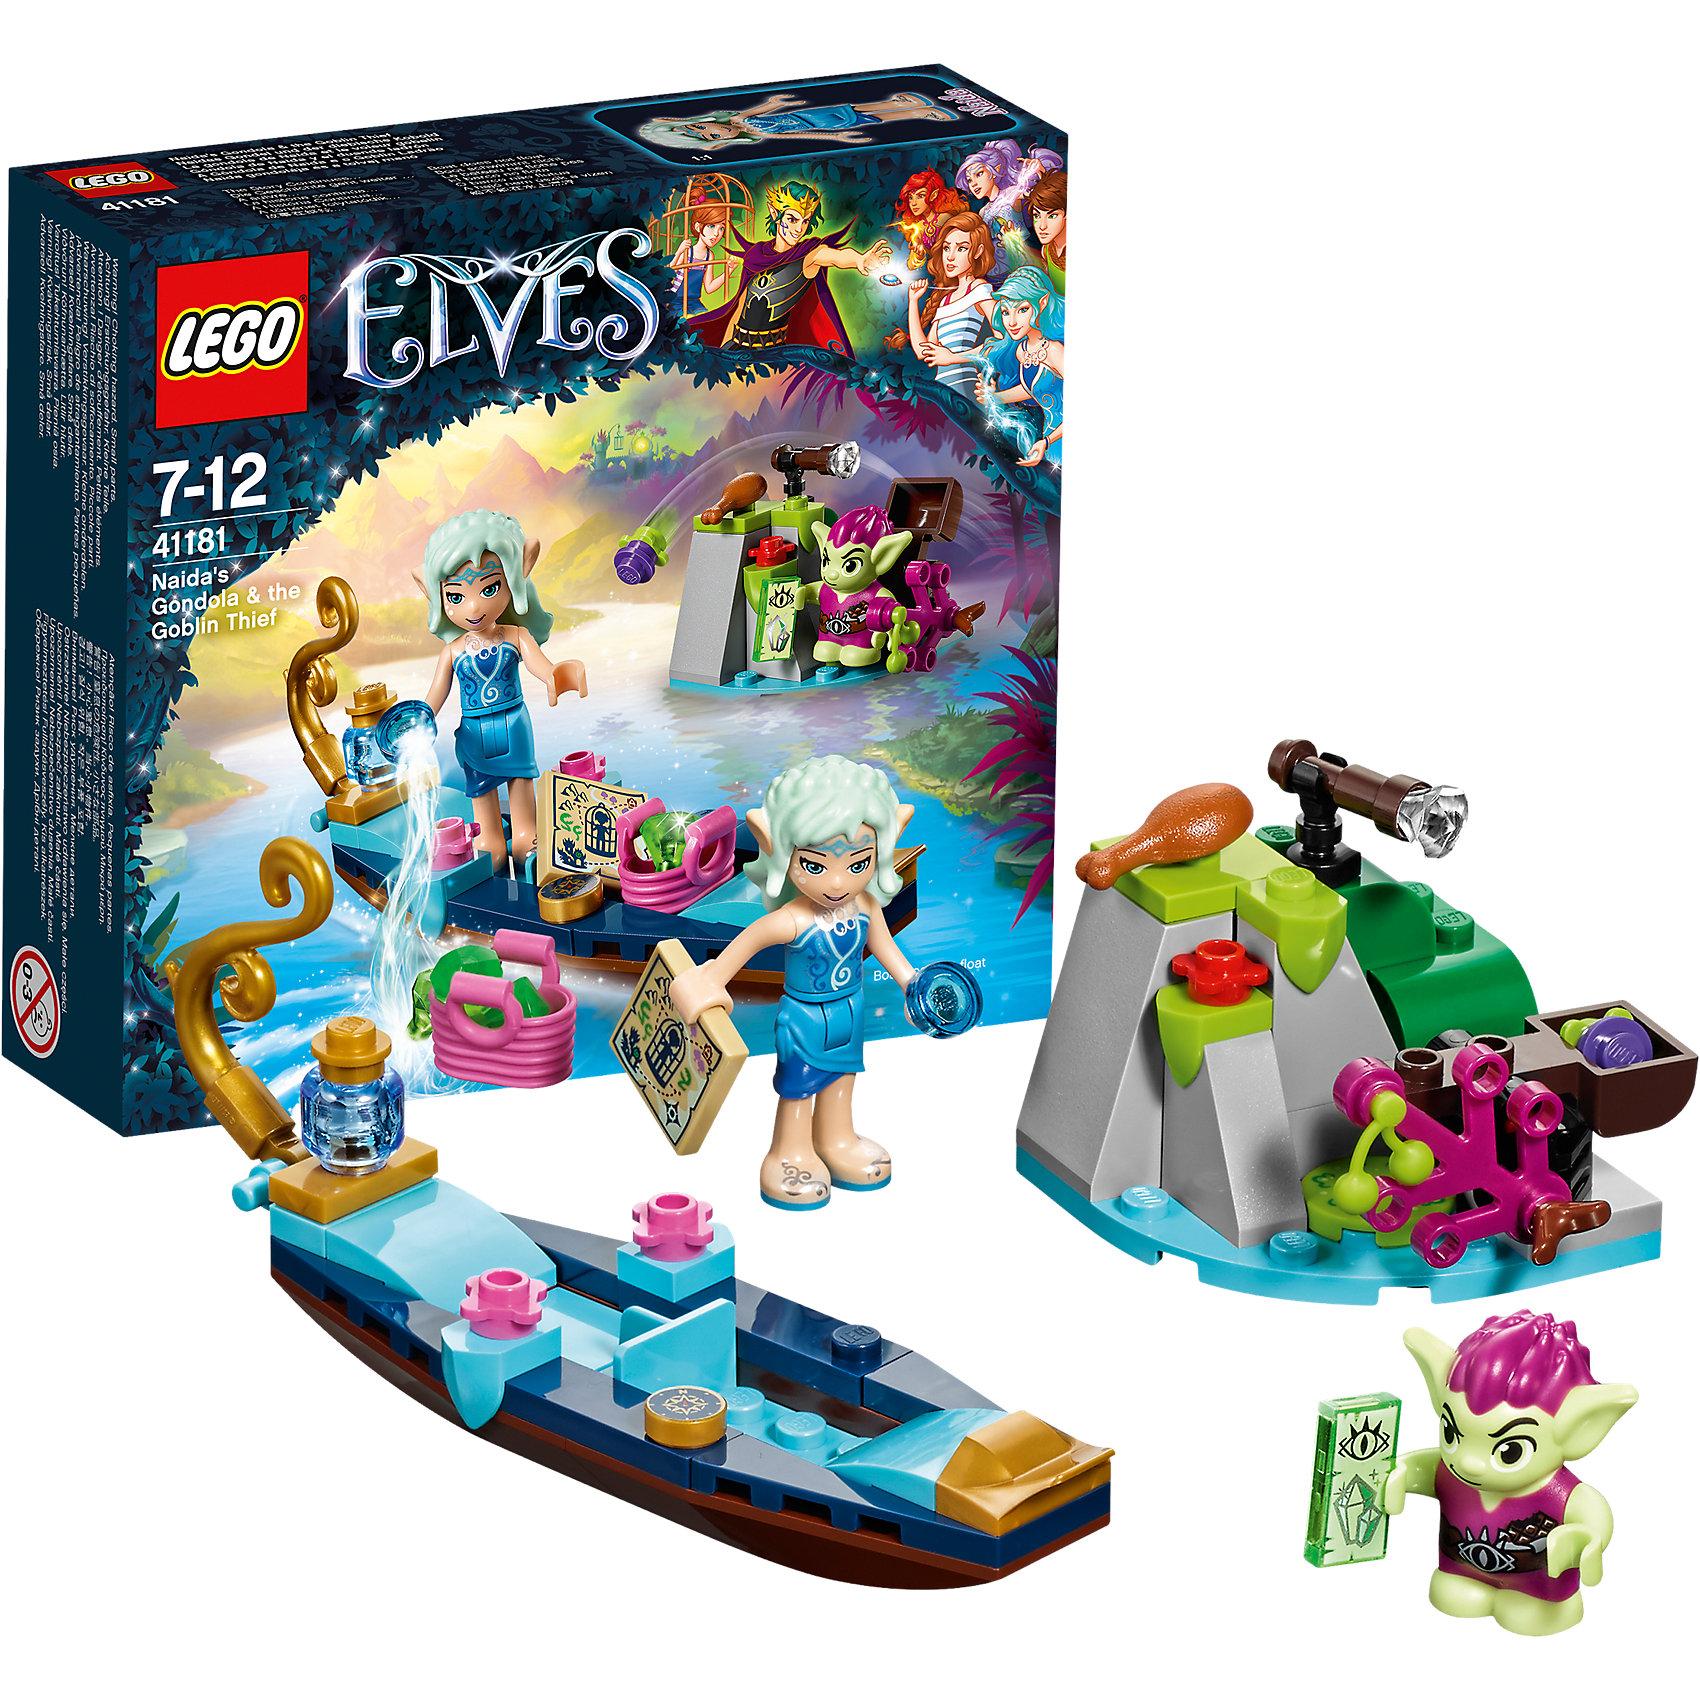 LEGO Elves 41181: Встреча Наиды с гоблином-воришкойПластмассовые конструкторы<br>LEGO Elves 41181: Встреча Наиды с гоблином-воришкой<br><br>Характеристики:<br><br>- в набор входит: детали гондолы и плота гоблина, 2 фигурки, аксессуары, инструкция по сборке<br>- минифигурки набора: эльф Наида, гоблин Робин<br>- состав: пластик<br>- количество деталей: 67<br>- размер упаковки: 16 * 5 * 15 см.<br>- для детей в возрасте: от 7 до 12 лет<br>- Страна производитель: Дания/Китай/Чехия<br><br>Легендарный конструктор LEGO (ЛЕГО) представляет серию «Elves» (Эльфы) – магическую вселенную, наполненную приключениями! <br><br>Дети должны помочь эльфам найти четыре волшебных ключа, чтобы вернуть Эмили Джонс домой. Прекрасная Наида, эльф воды, путешествует на своей гондоле по лесной реке в поисках редких драгоценных камней и минералов. В набор входит небольшая корзинка, компас, карта и открывающаяся голубая банка. Фигурка Наиды качественно прорисована, может поворачивать головой, руками, торсом и принимать сидячее положение. Красивые рельефные волосы распущены, детали одежды оснащены выступающими складками по краям ткани и добавляют фигурке реалистичности. <br><br>Гондола Наиды включает в себя уникальные золотые детали, которые делают гондолу ещё изящнее. Небольшой гоблин может двигать руками, поворачивать головой, держать предметы в руках, его причёска тоже детализирована. На своем плоту гоблин установил катапульту и подзорную трубу, чтобы выслеживать эльфов и воровать драгоценные камни. В руке Робин держит указ своего короля о поиске камней. Помоги Наиде проплыть по лесной реке и собрать все необходимые минералы, а также улизнуть от воришки. <br><br>Играя с конструктором ребенок развивает моторику рук, воображение и логическое мышление, научится собирать по инструкции и создавать свои модели. Придумывайте новые истории любимых героев с набором LEGO «Elves»!<br><br>Конструктор LEGO Elves 41181: Встреча Наиды с гоблином-воришкой можно купить в нашем интернет-магазине.<br><br>Ширина м